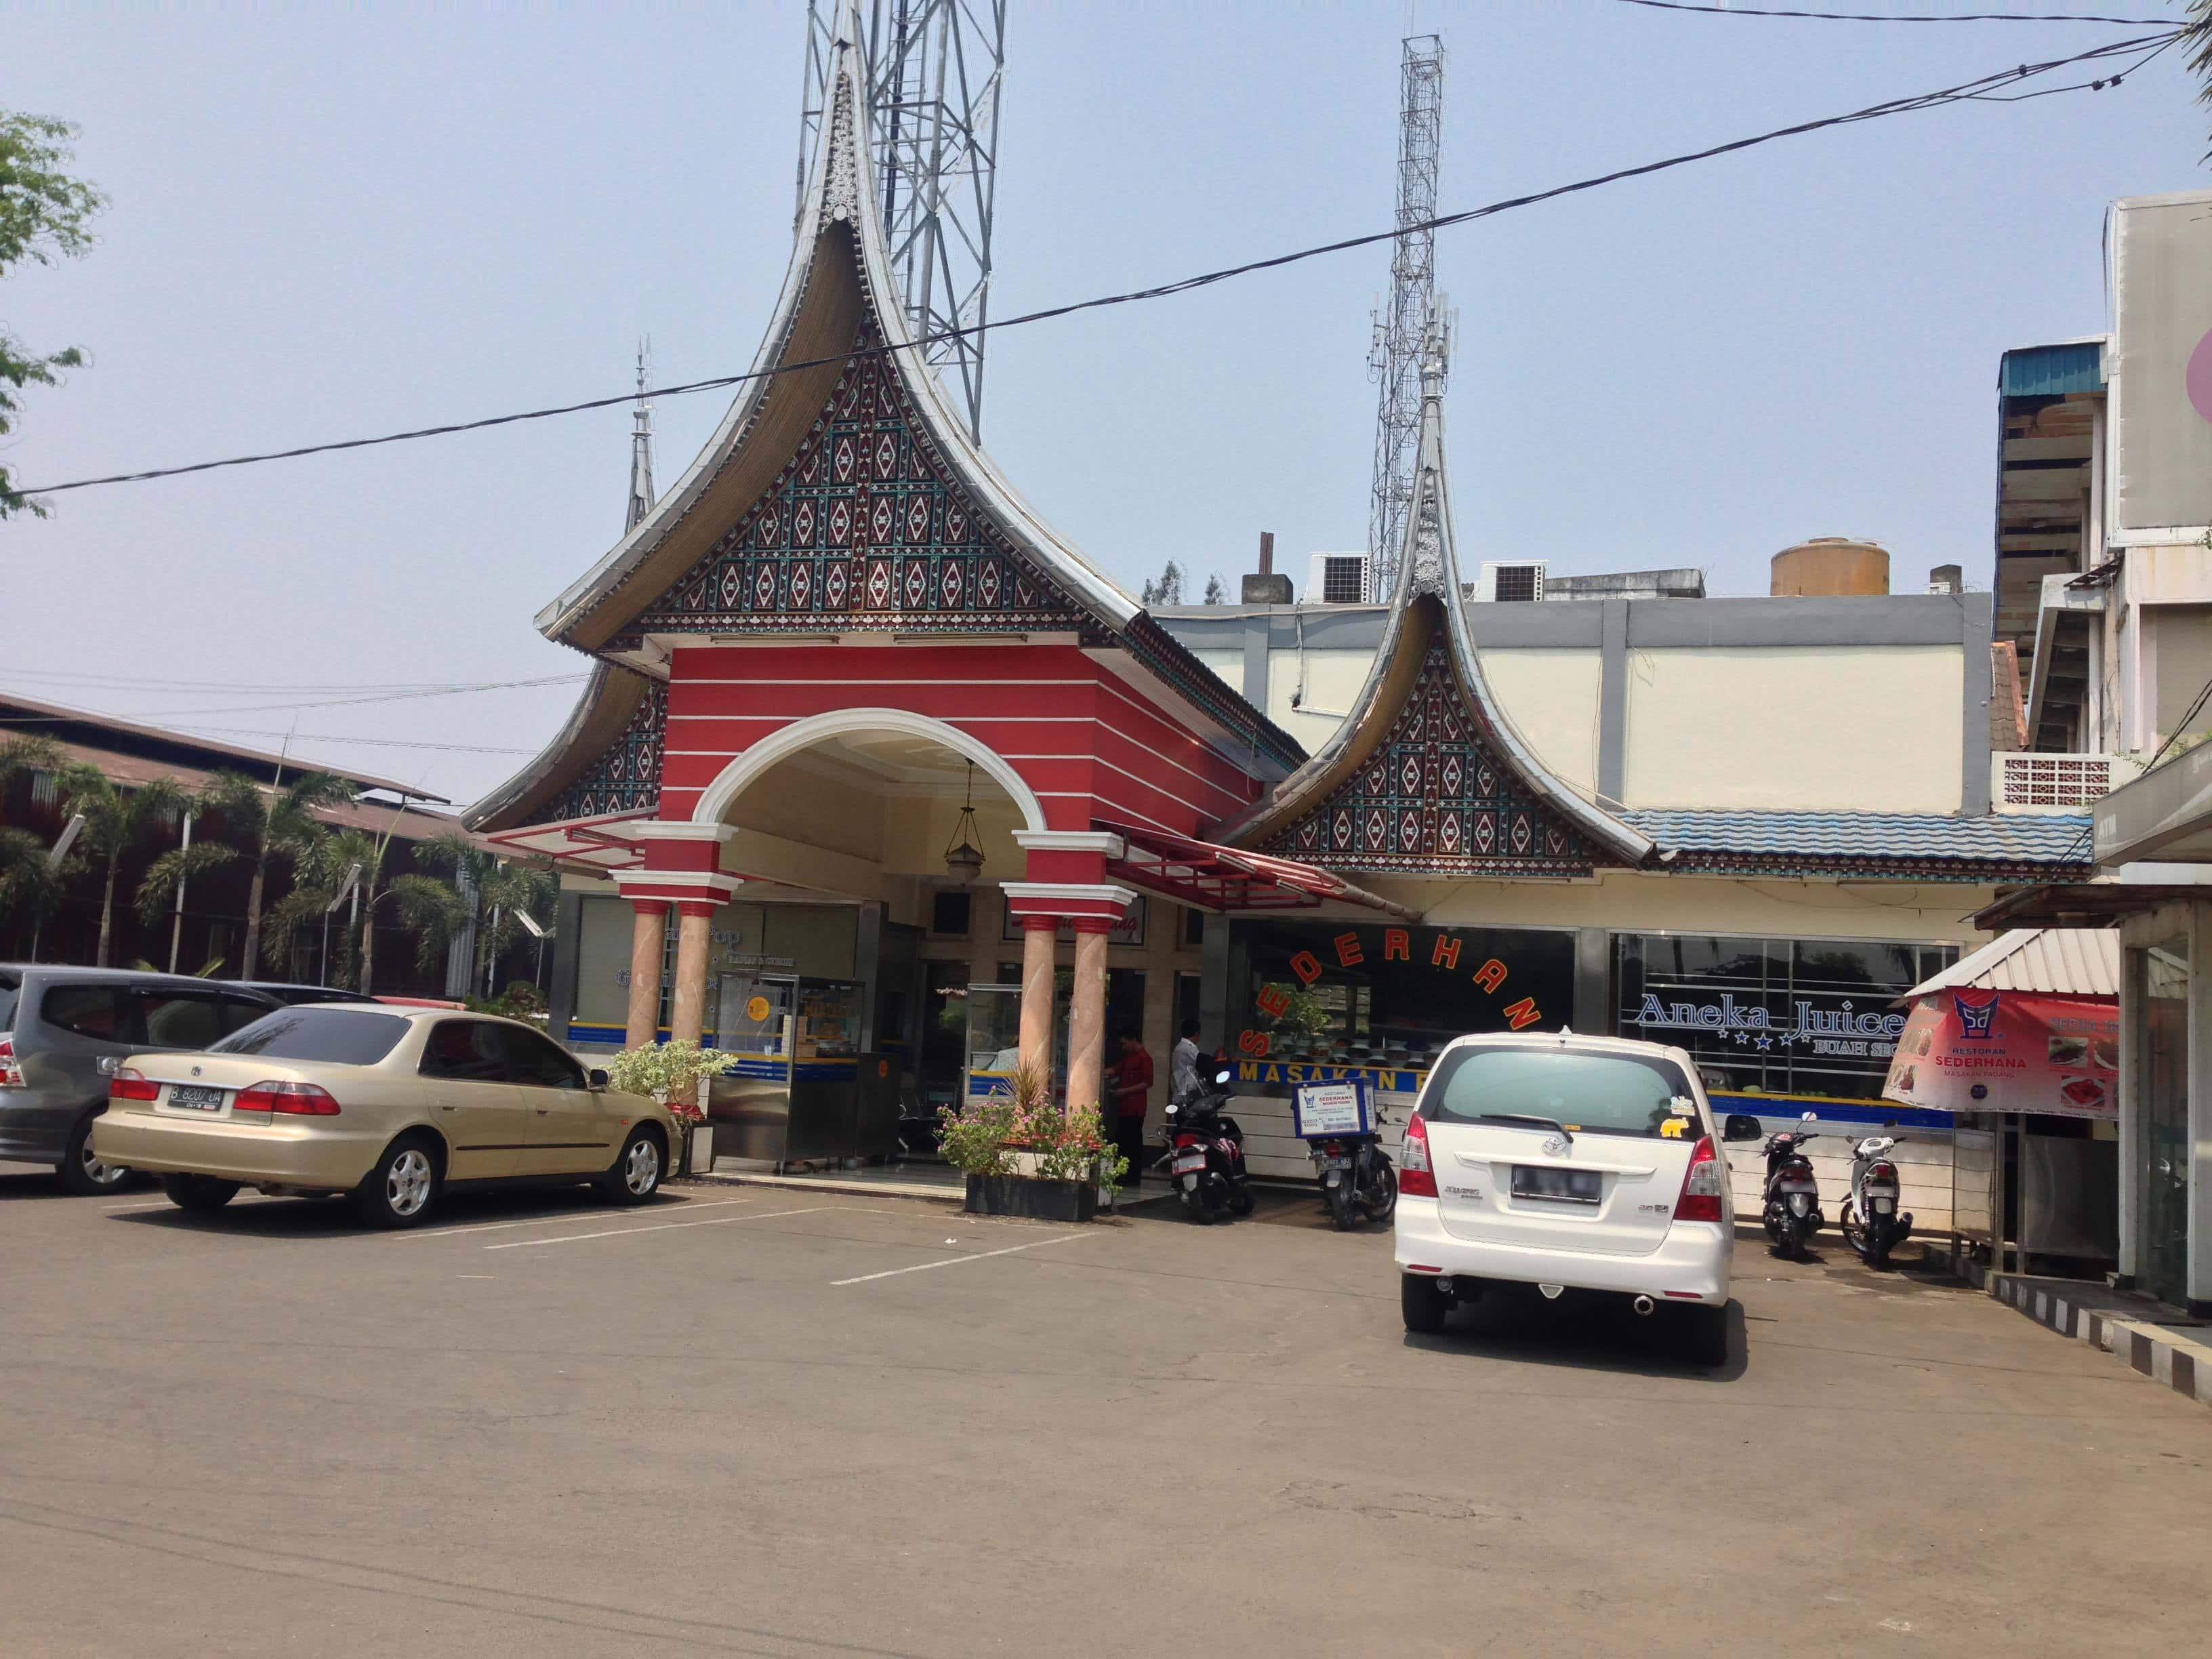 Restoran Sederhana Kec Tangerang Tangerang